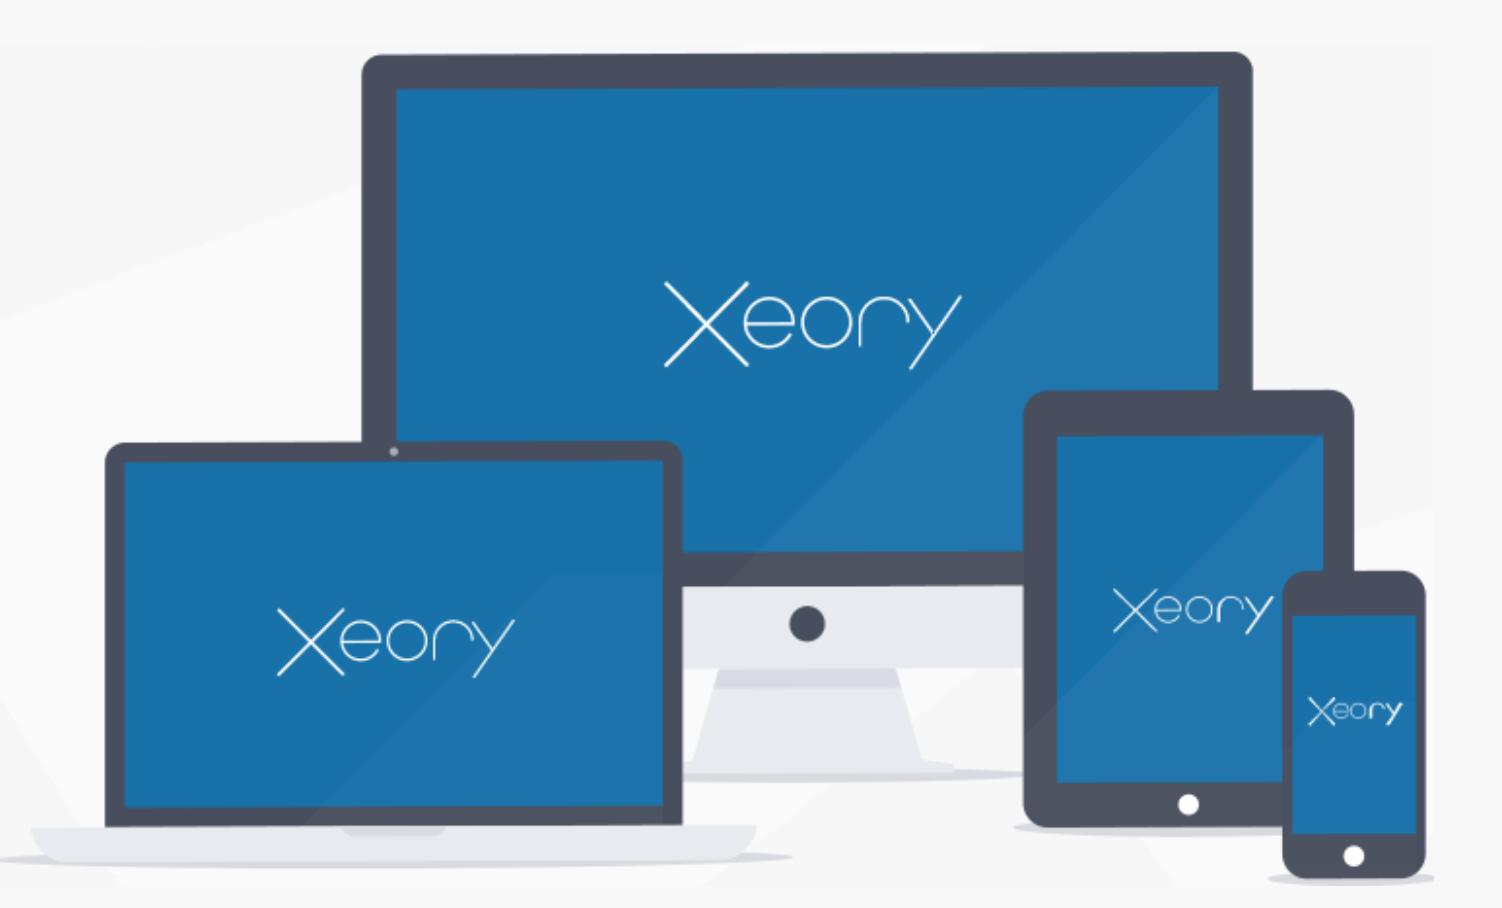 Xeoryでカテゴリーの投稿数を改行させず横に表示させる方法(3分)